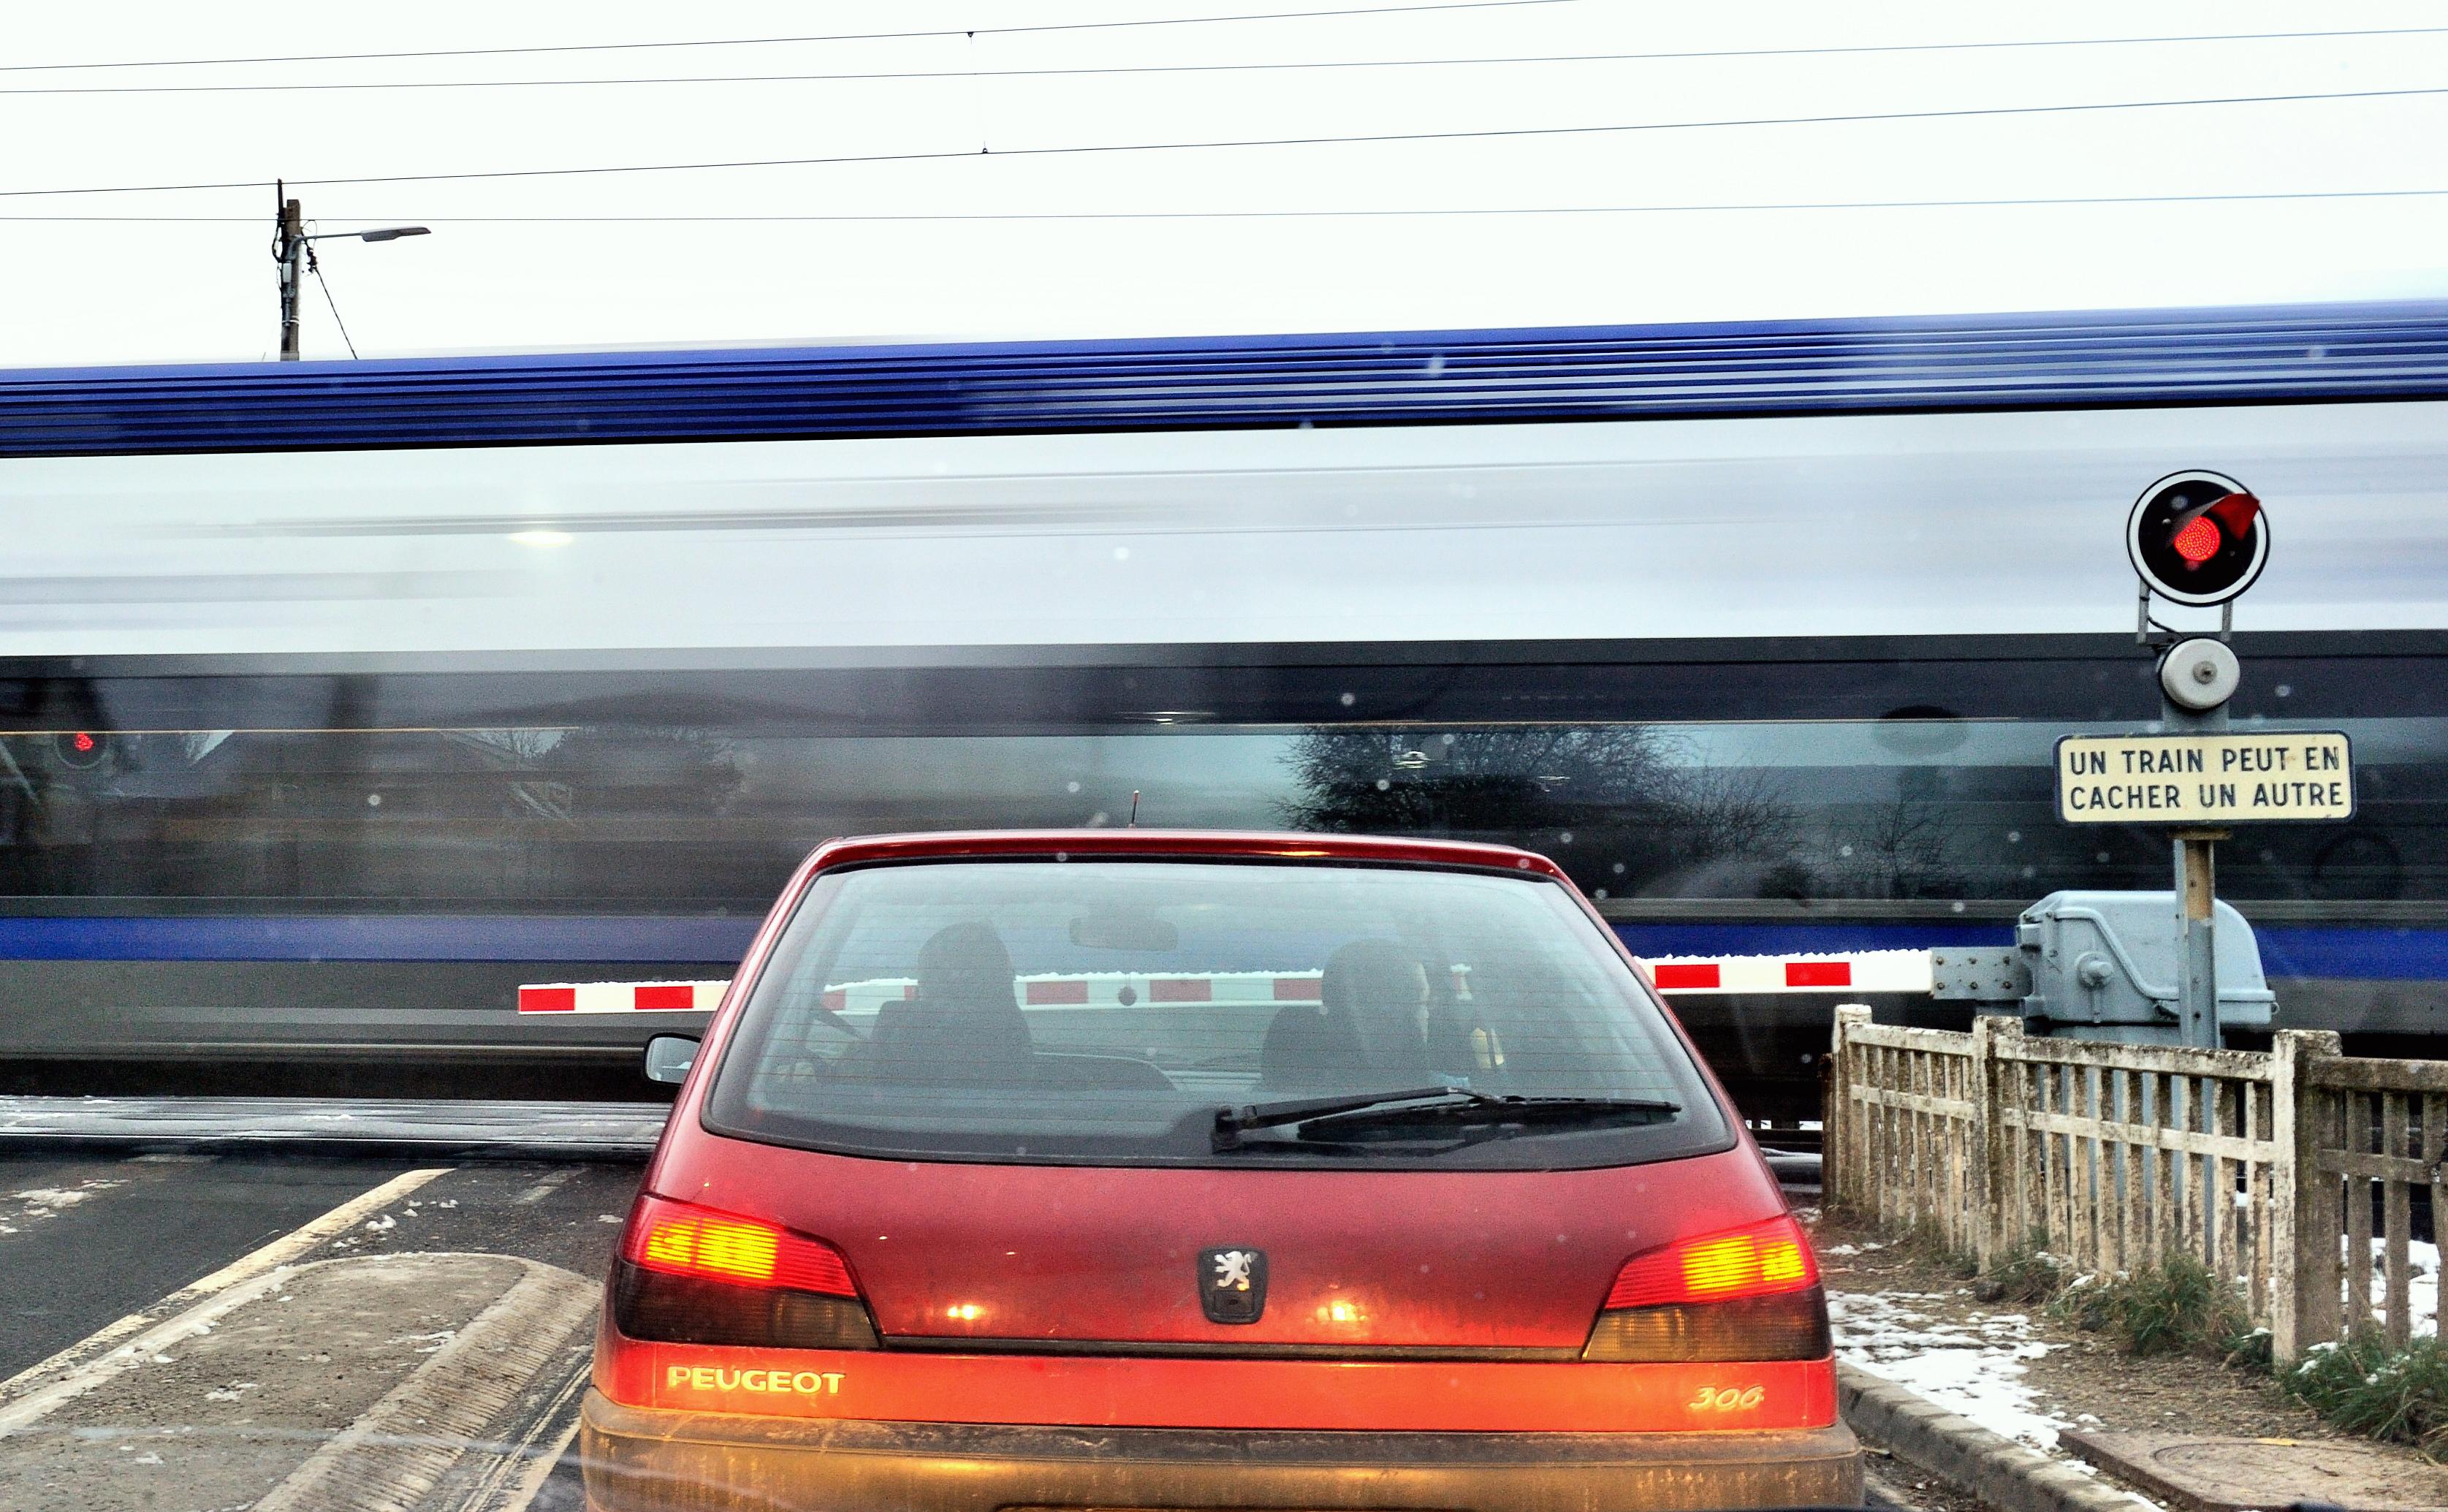 Un car évite de peu une collision avec un train à un passage à niveau — Morbihan